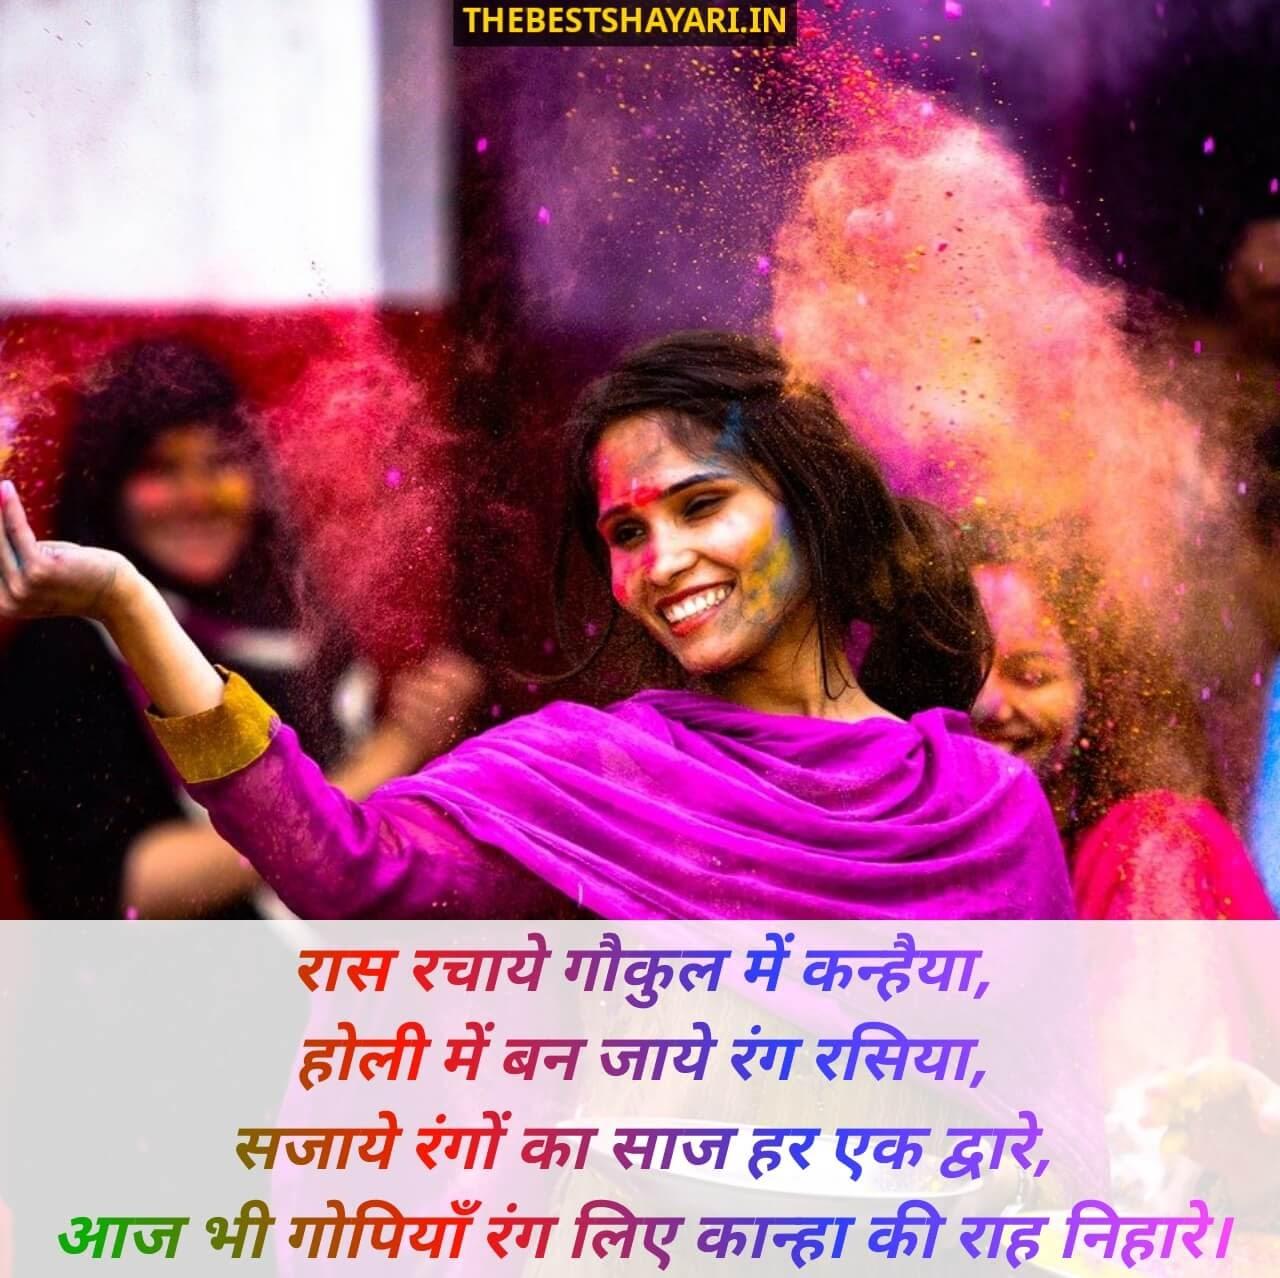 Holi images Hindi shayari 2